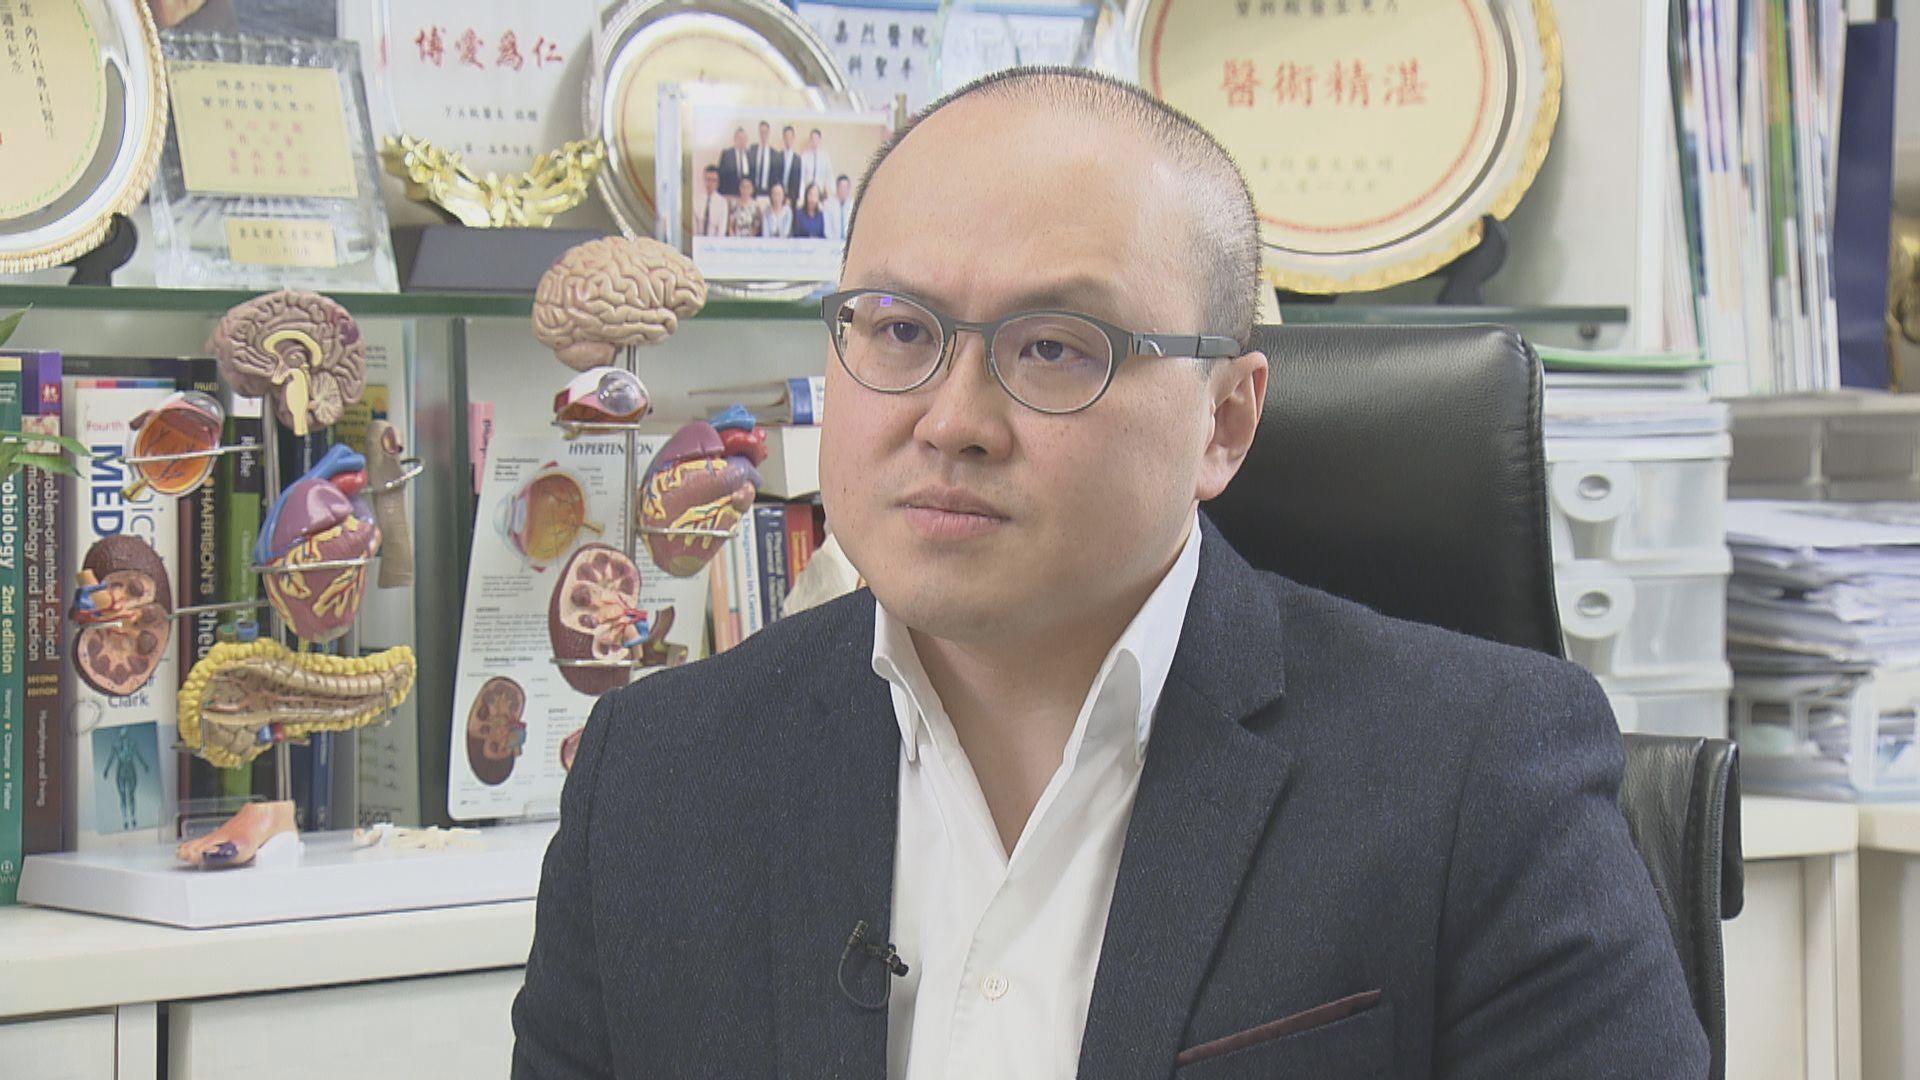 曾祈殷:當局應更新機場感染控制指引